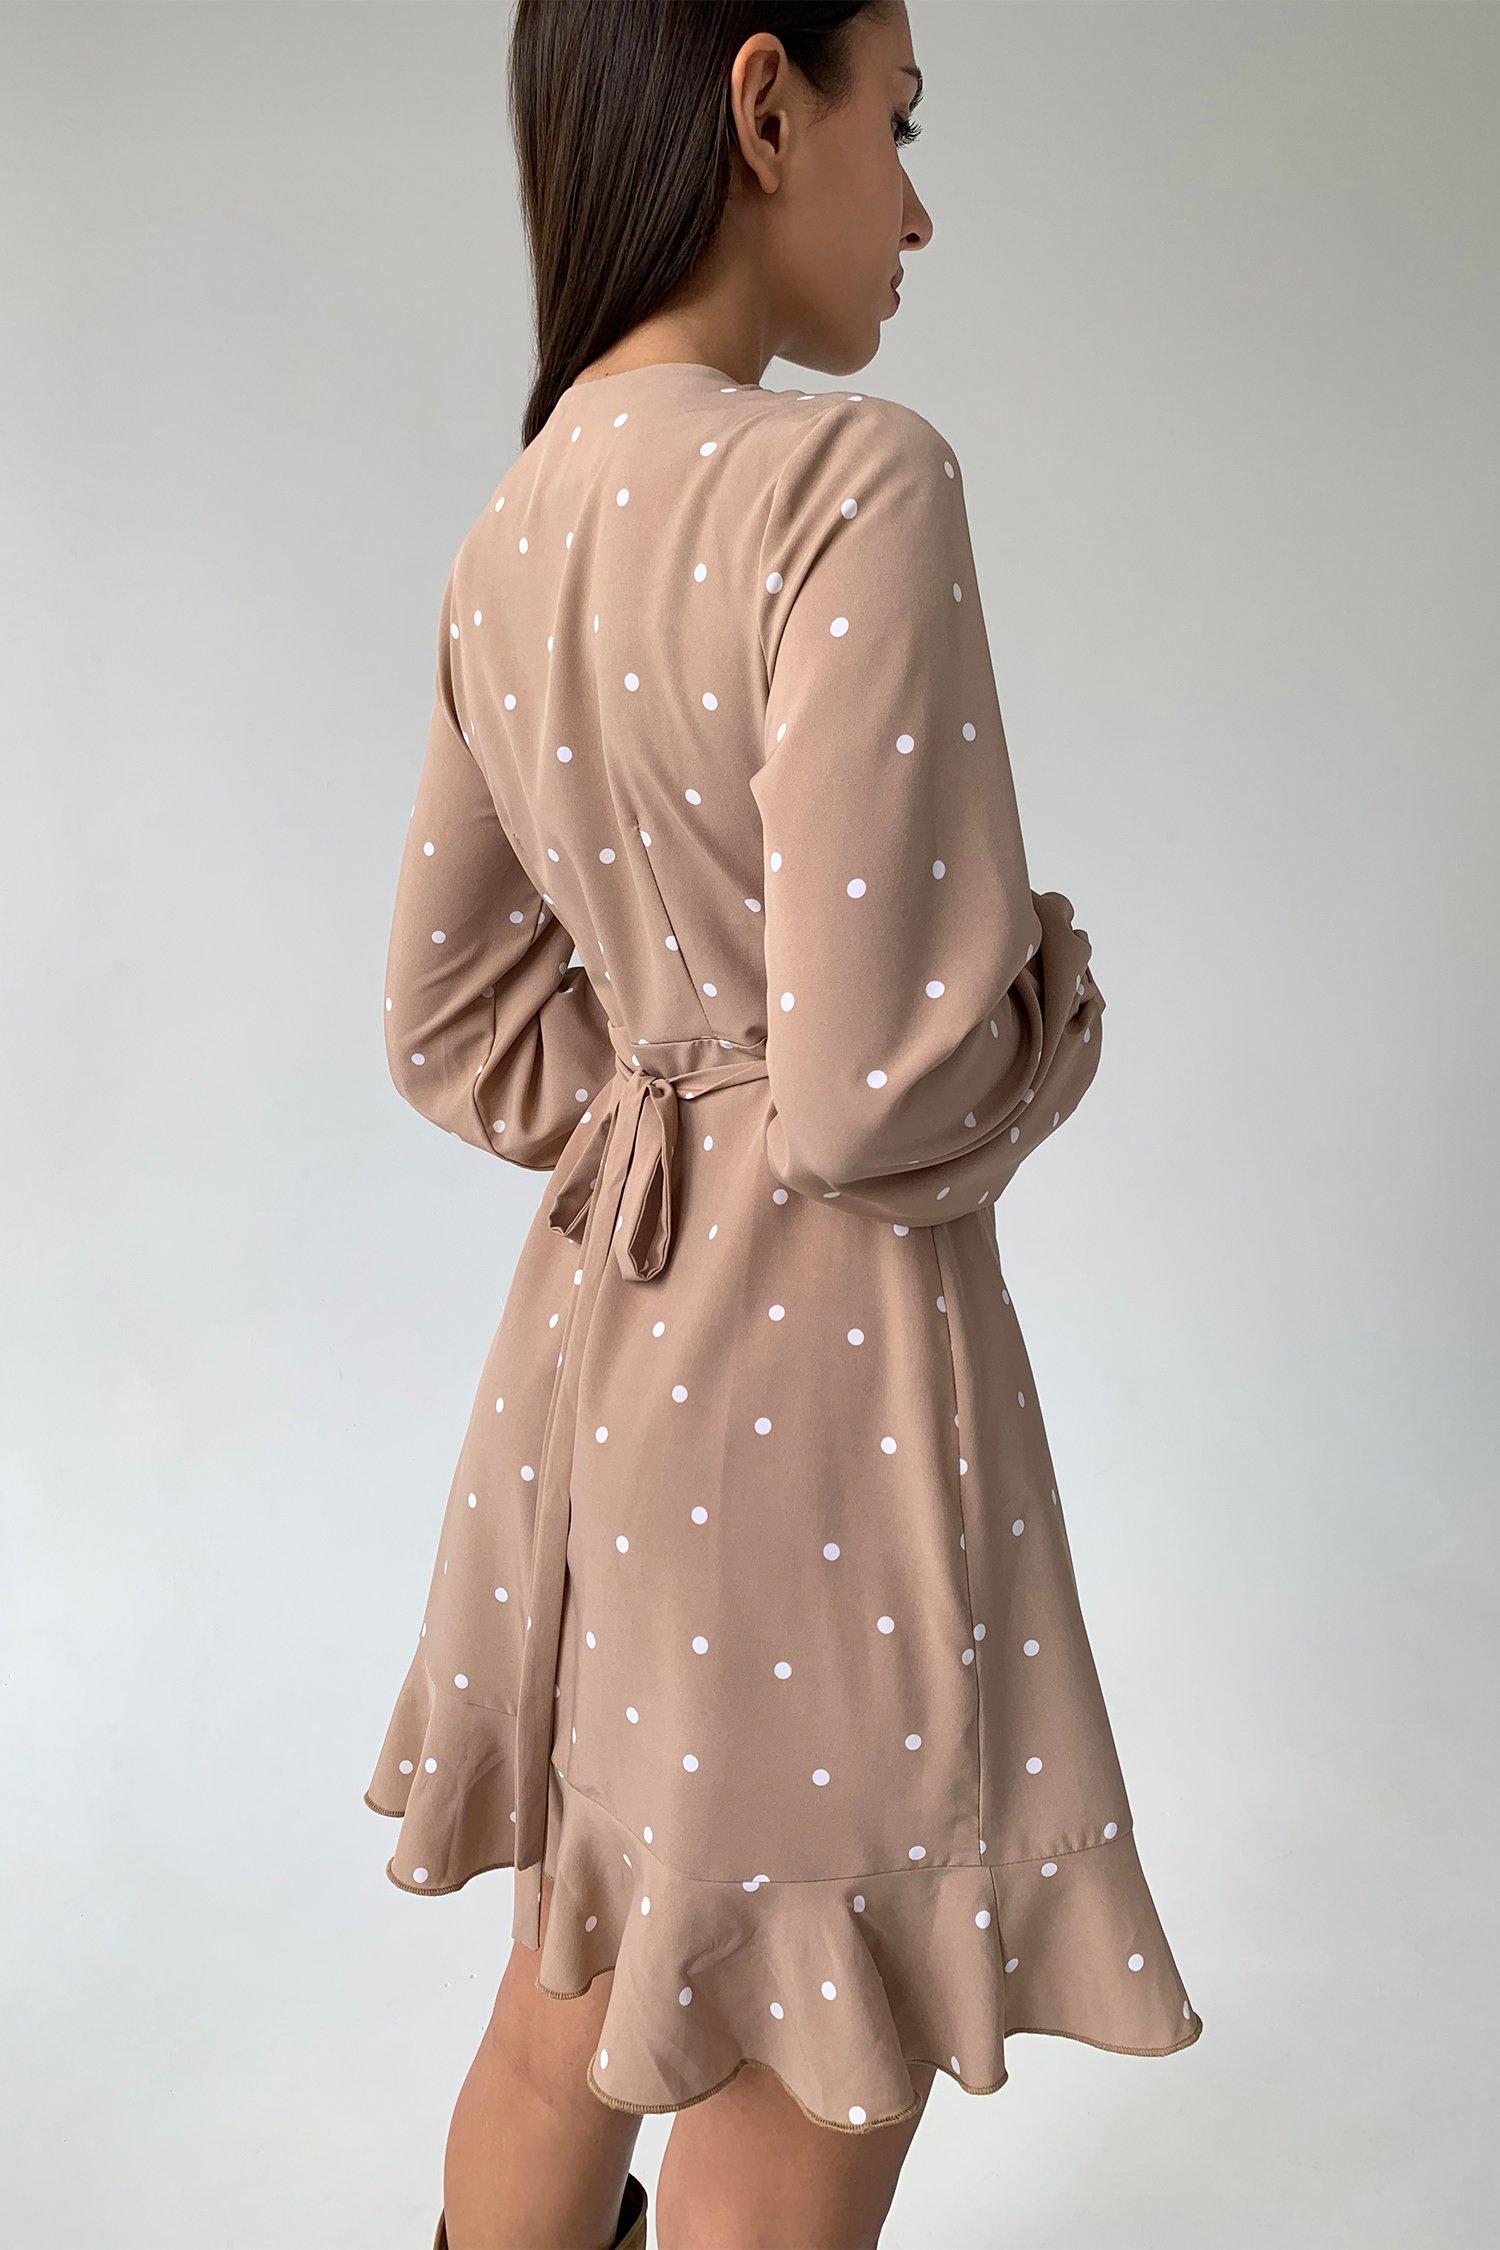 Платье мини с воланами в горох бежевое - THE LACE